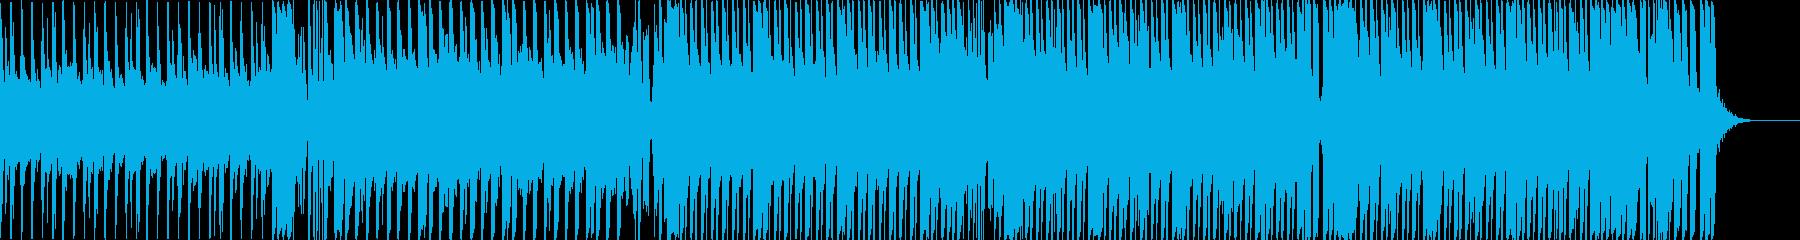 重低音なクラブ系EDMダンスミュージックの再生済みの波形